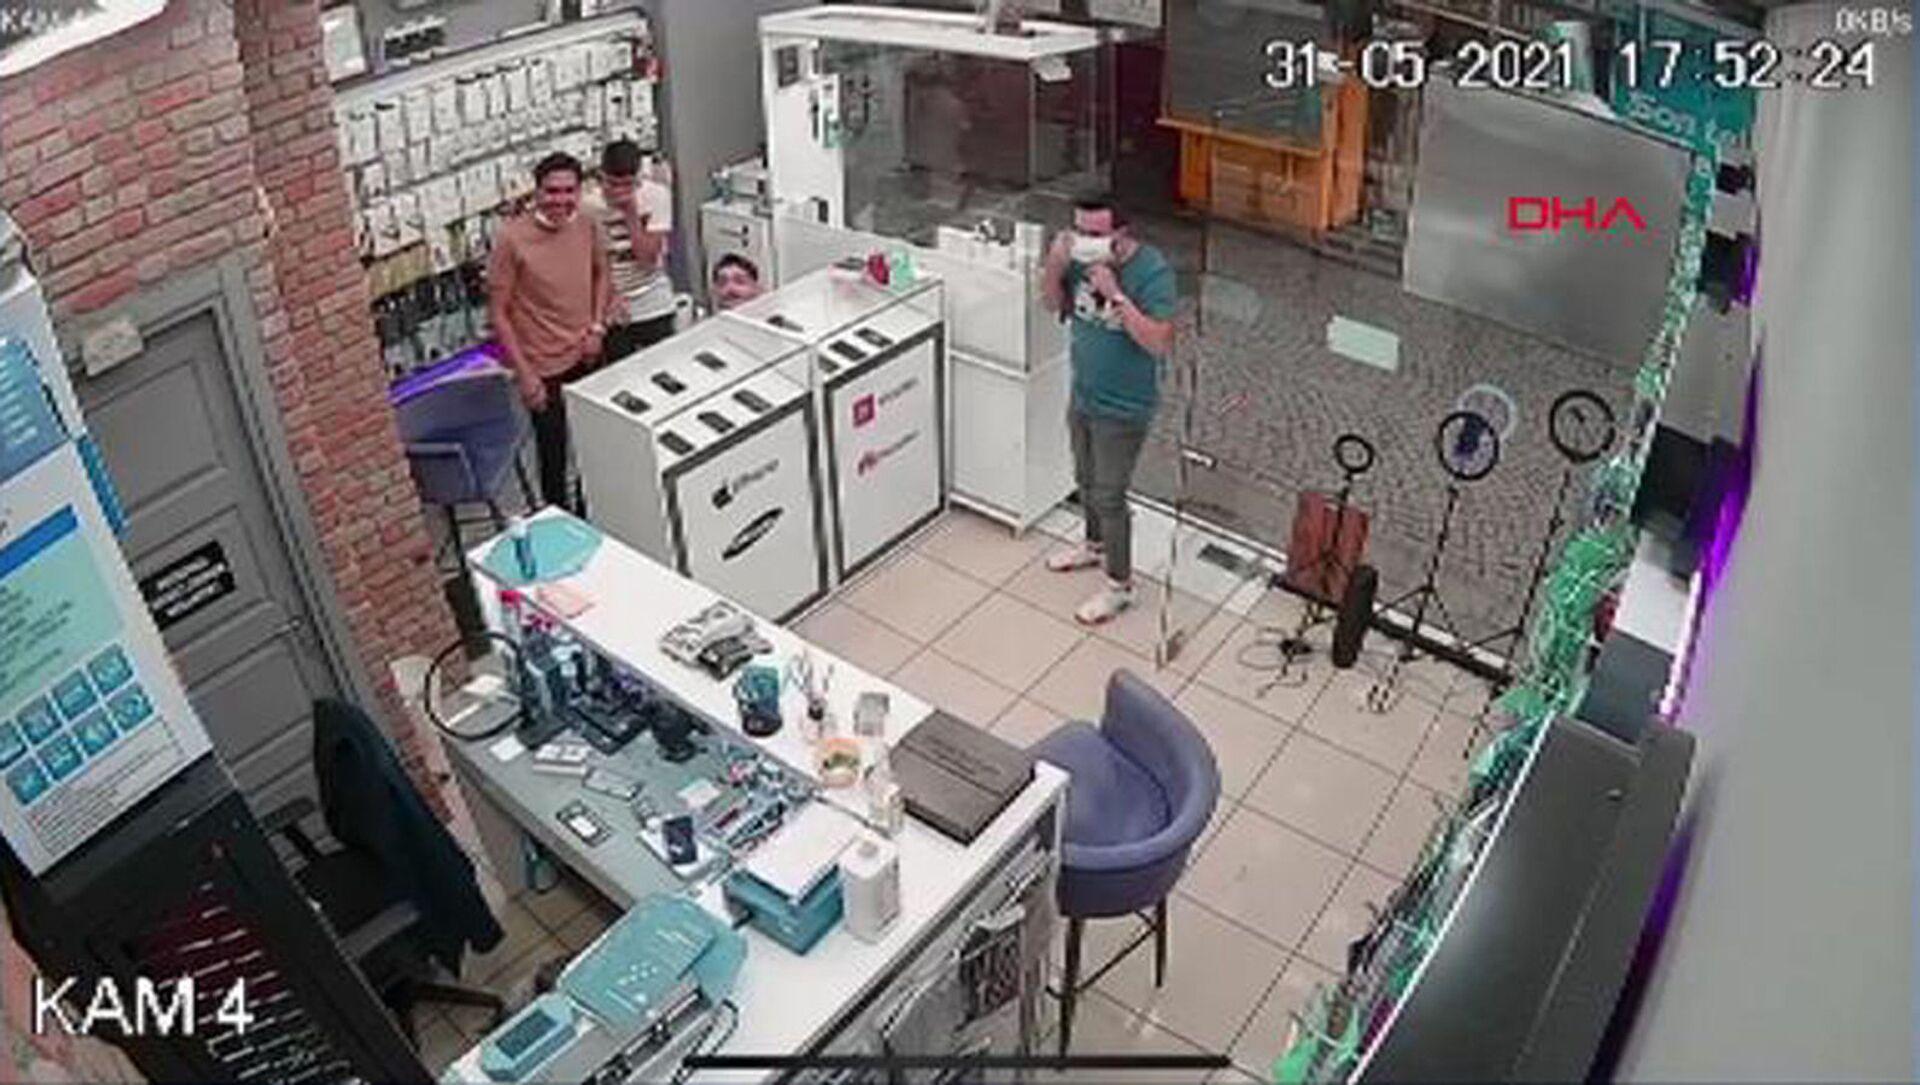 Telefoncuya karga baskını, iş yeri sahibi tezgahın altına saklandı: 'Kafayı bize takmış durumda' - Sputnik Türkiye, 1920, 03.06.2021